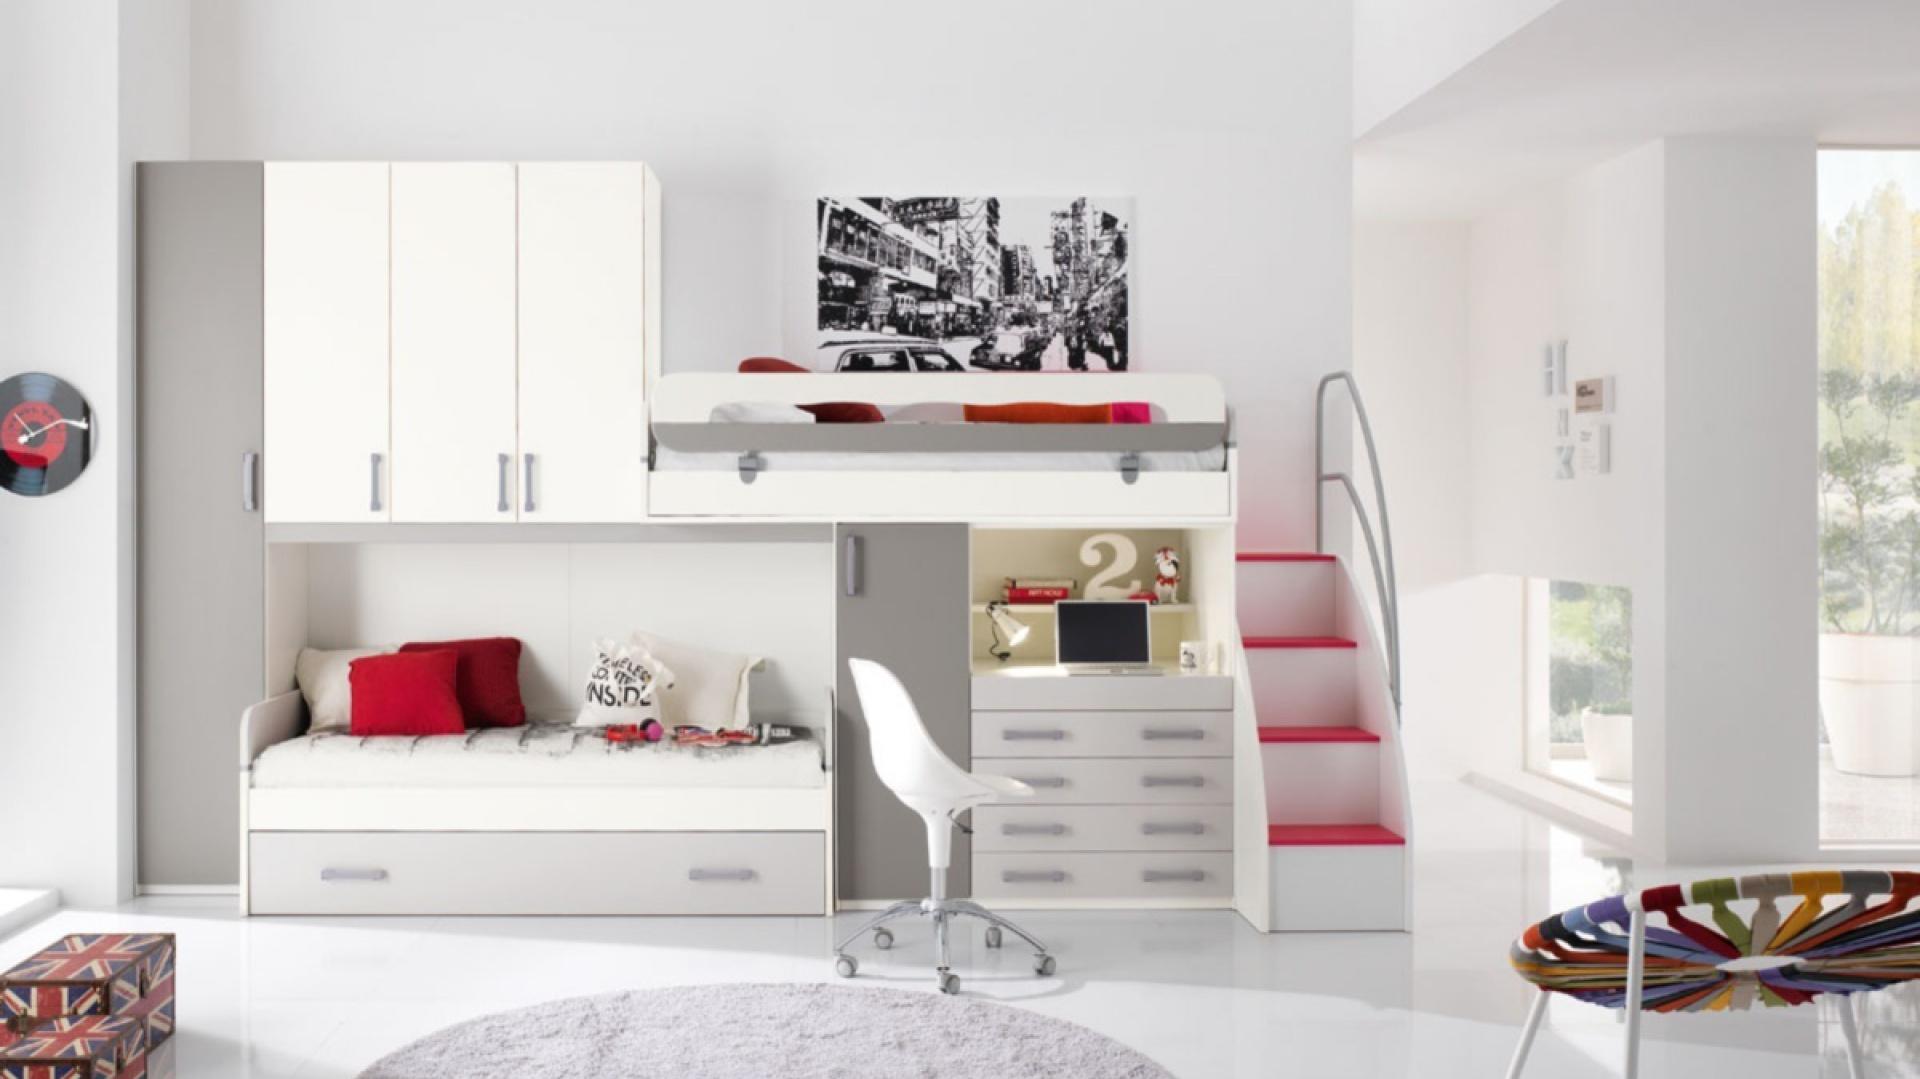 W tym pokoju fajnie i z pomysłem wykorzystano przestrzeń. Mamy tu łóżko piętrowe, ale w mniej tradycyjnym wydaniu. Fot. Spar.